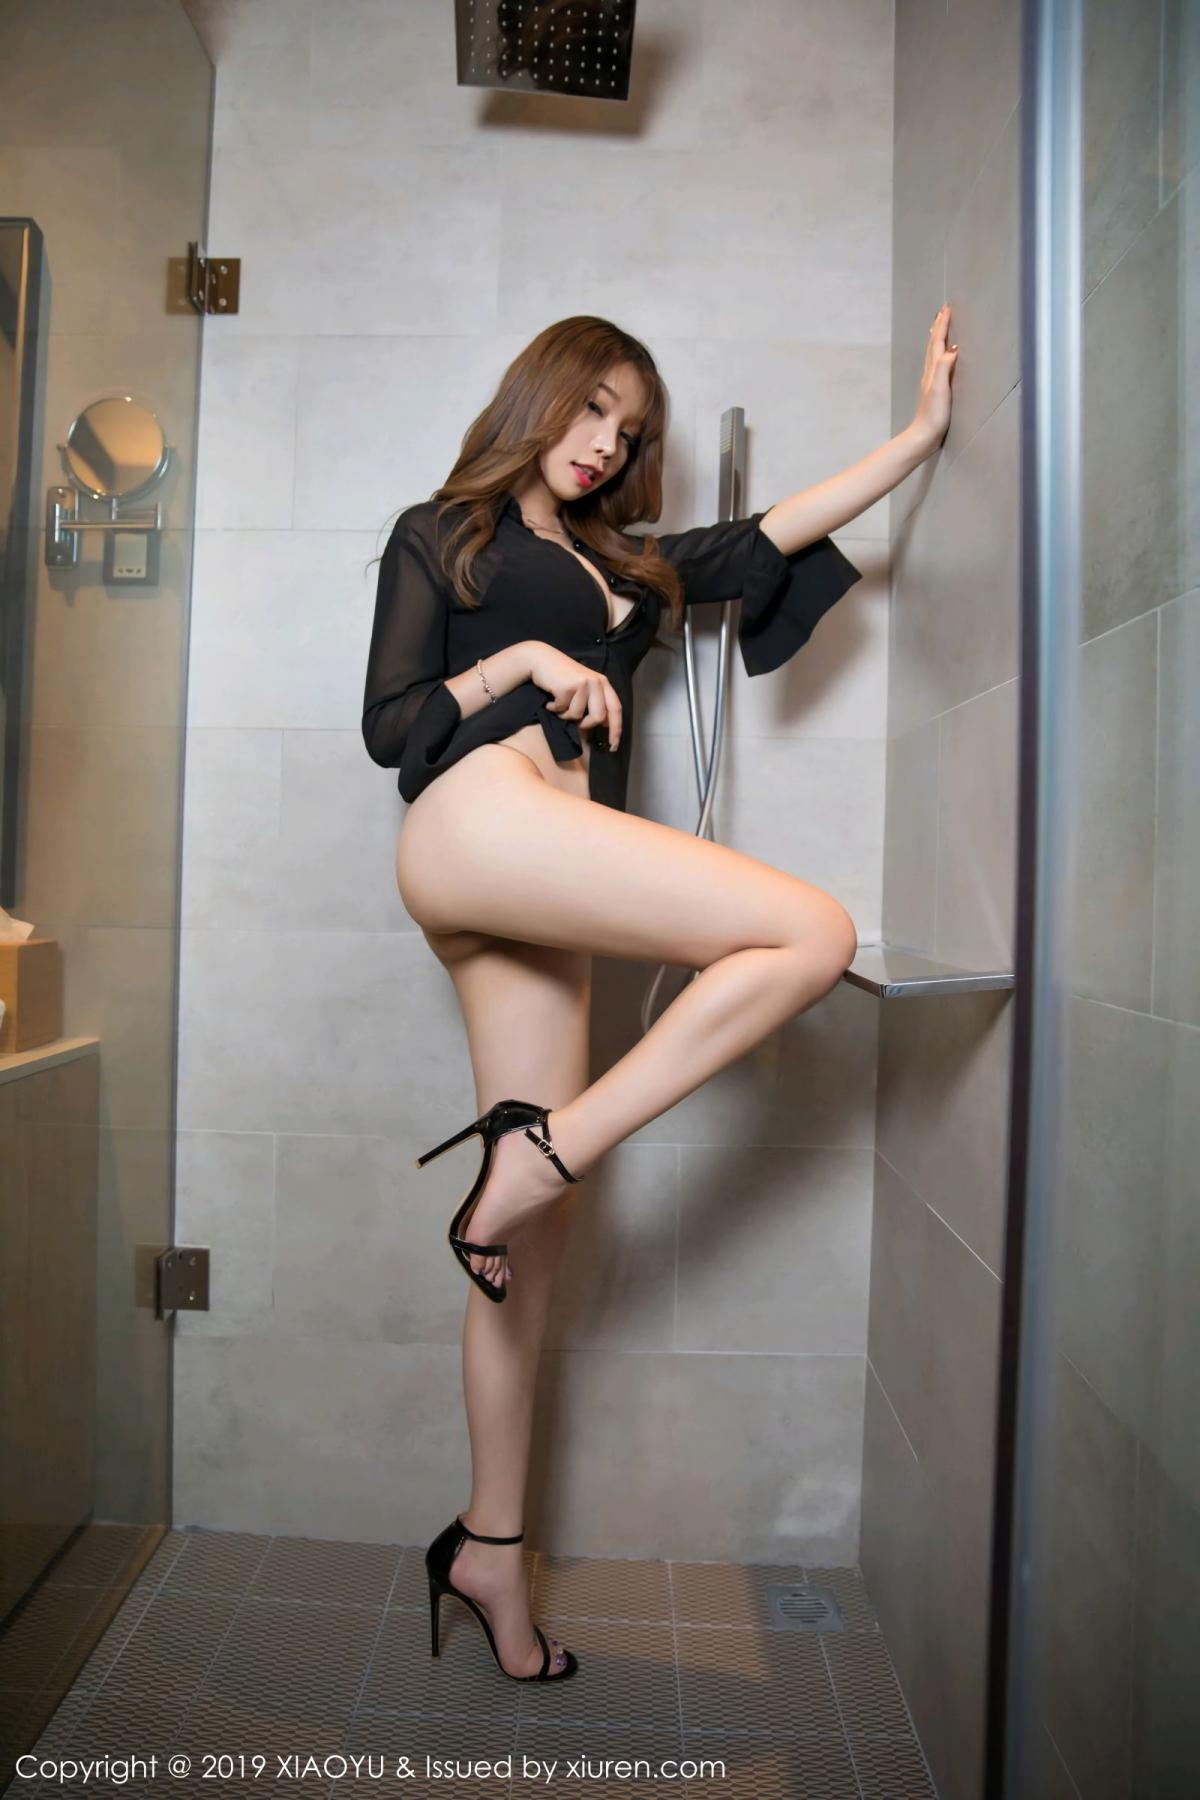 [XiaoYu] Vol.105 Chen Zhi 12P, Bathroom, Big Booty, Chen Zhi, Wet, XiaoYu